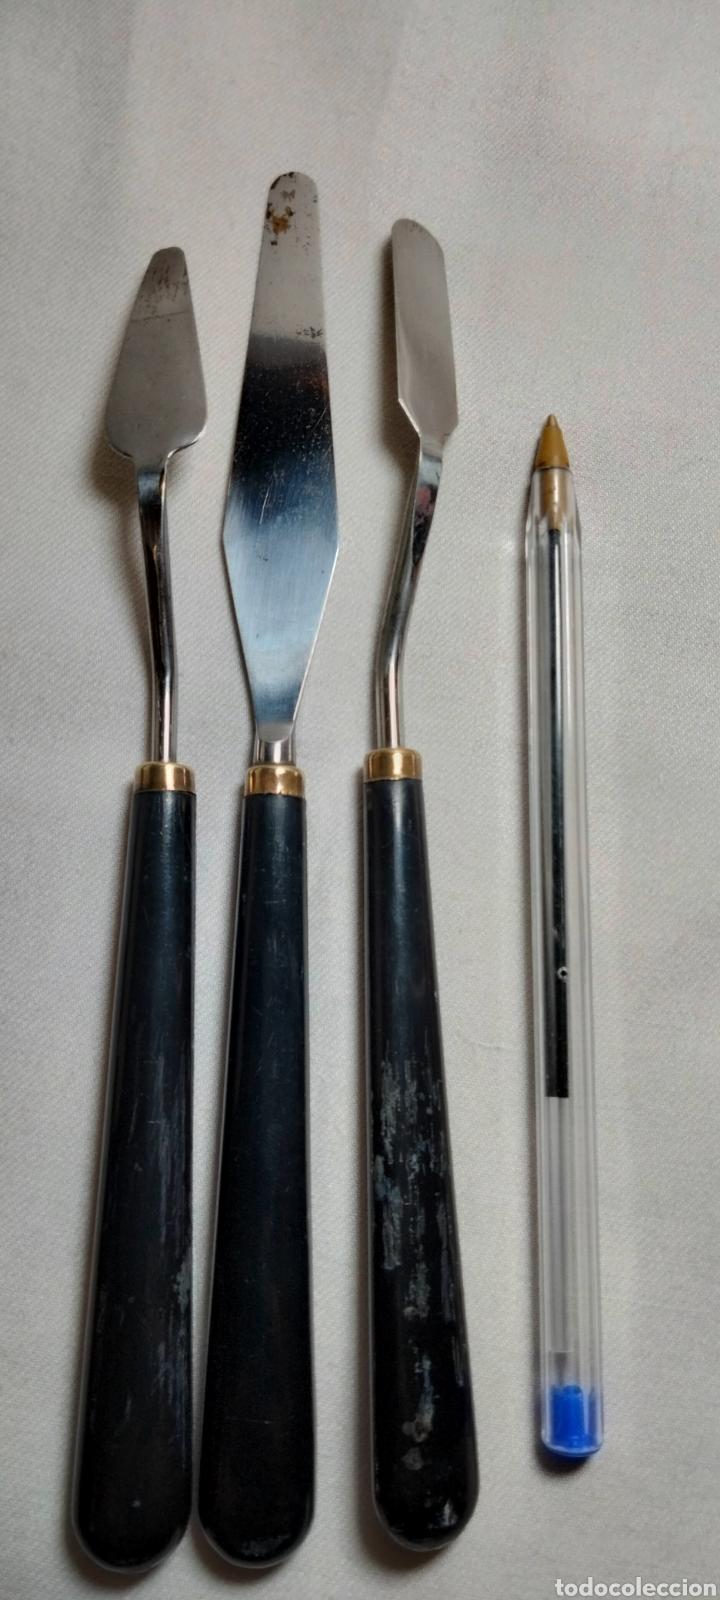 Arte: 3 Espátulas vintage para pintar al oleo - Foto 2 - 242872220